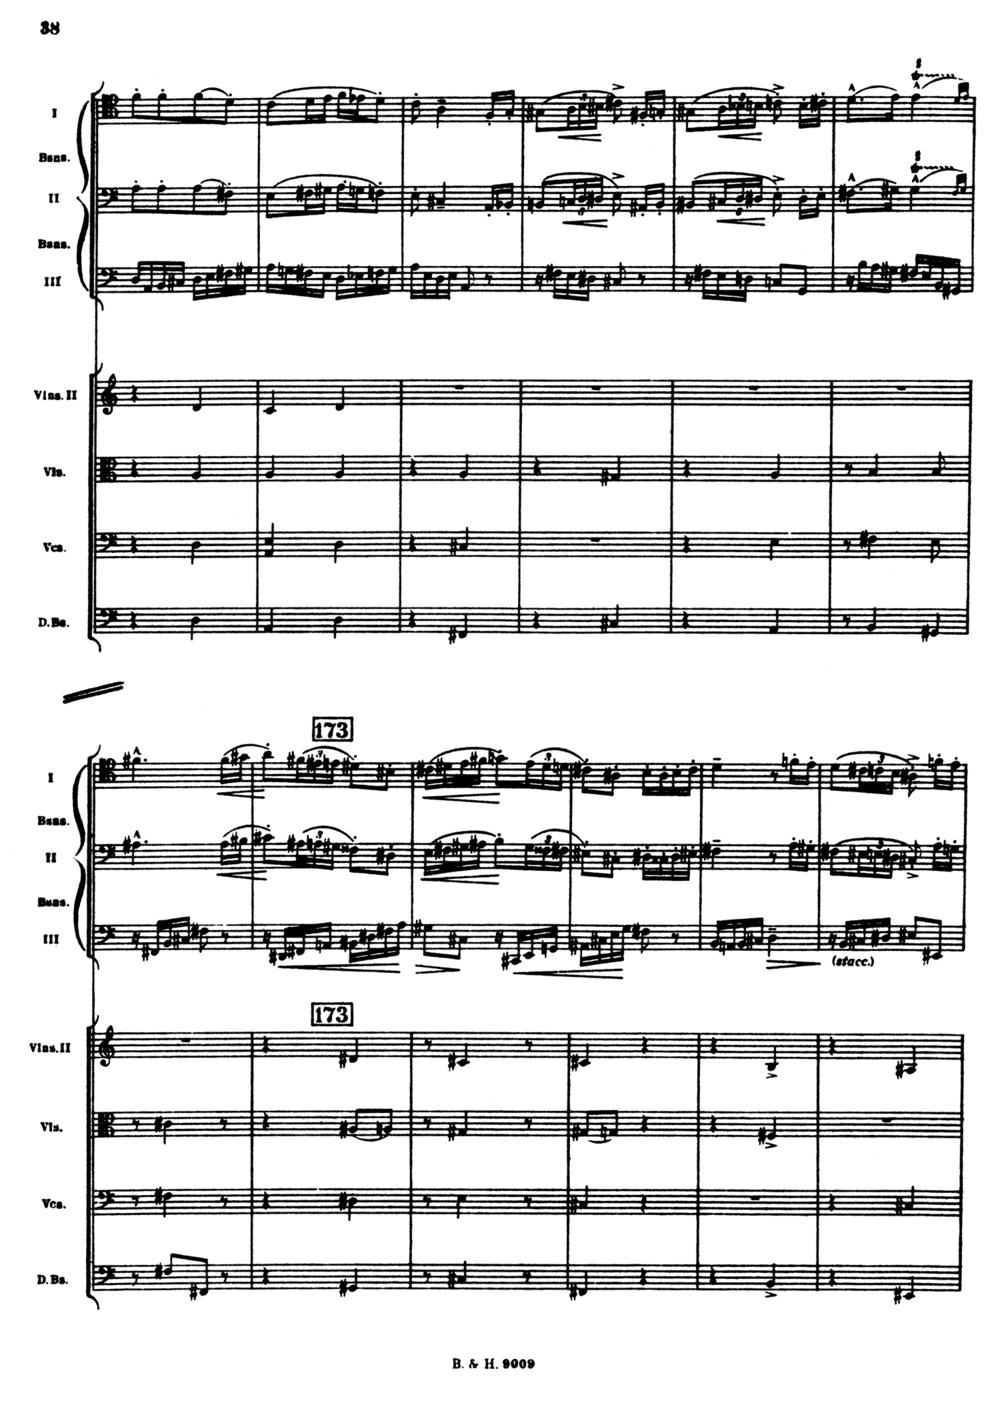 Bartok Score 3.jpg